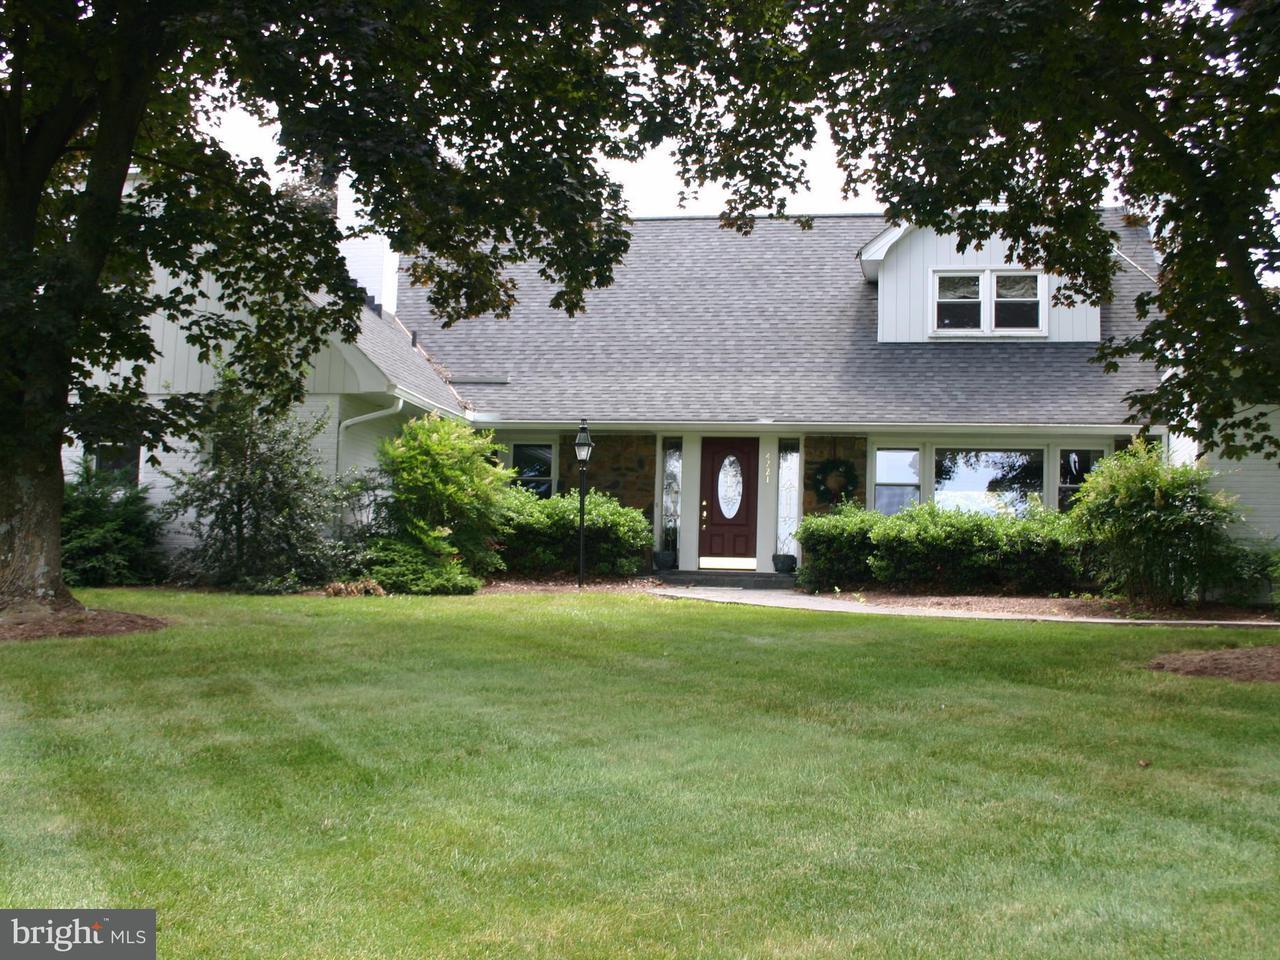 一戸建て のために 売買 アット 4221 Spooktown Road 4221 Spooktown Road Broadway, バージニア 22815 アメリカ合衆国